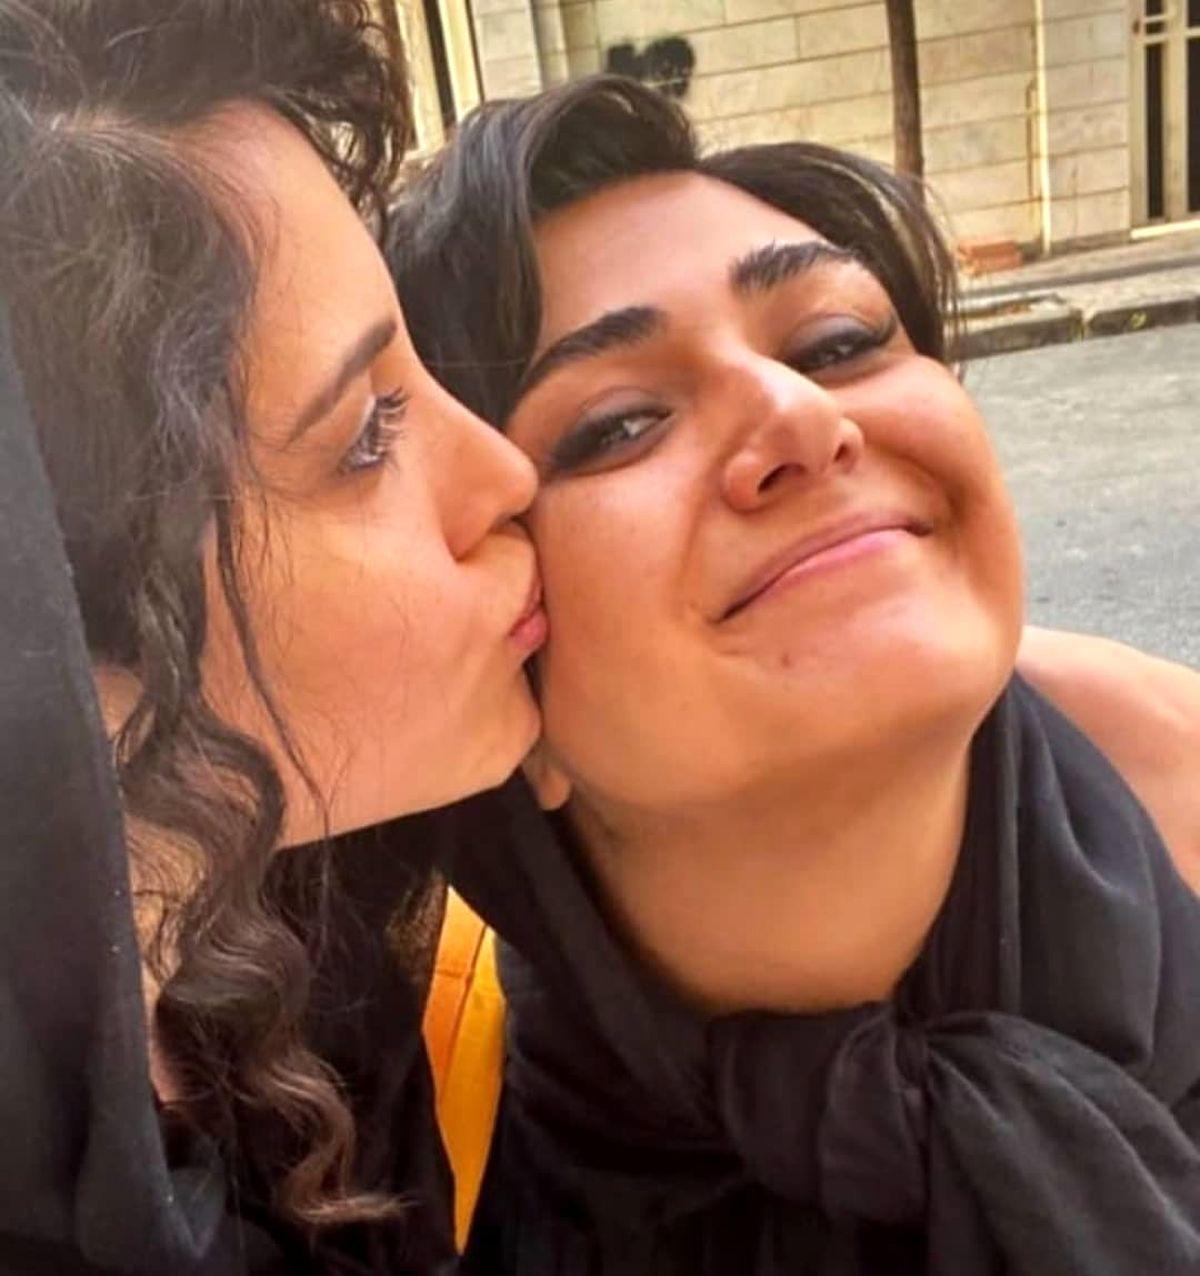 ازدواج و مادر شدن باران کوثری در کنار پژمان جمشیدی+فیلم